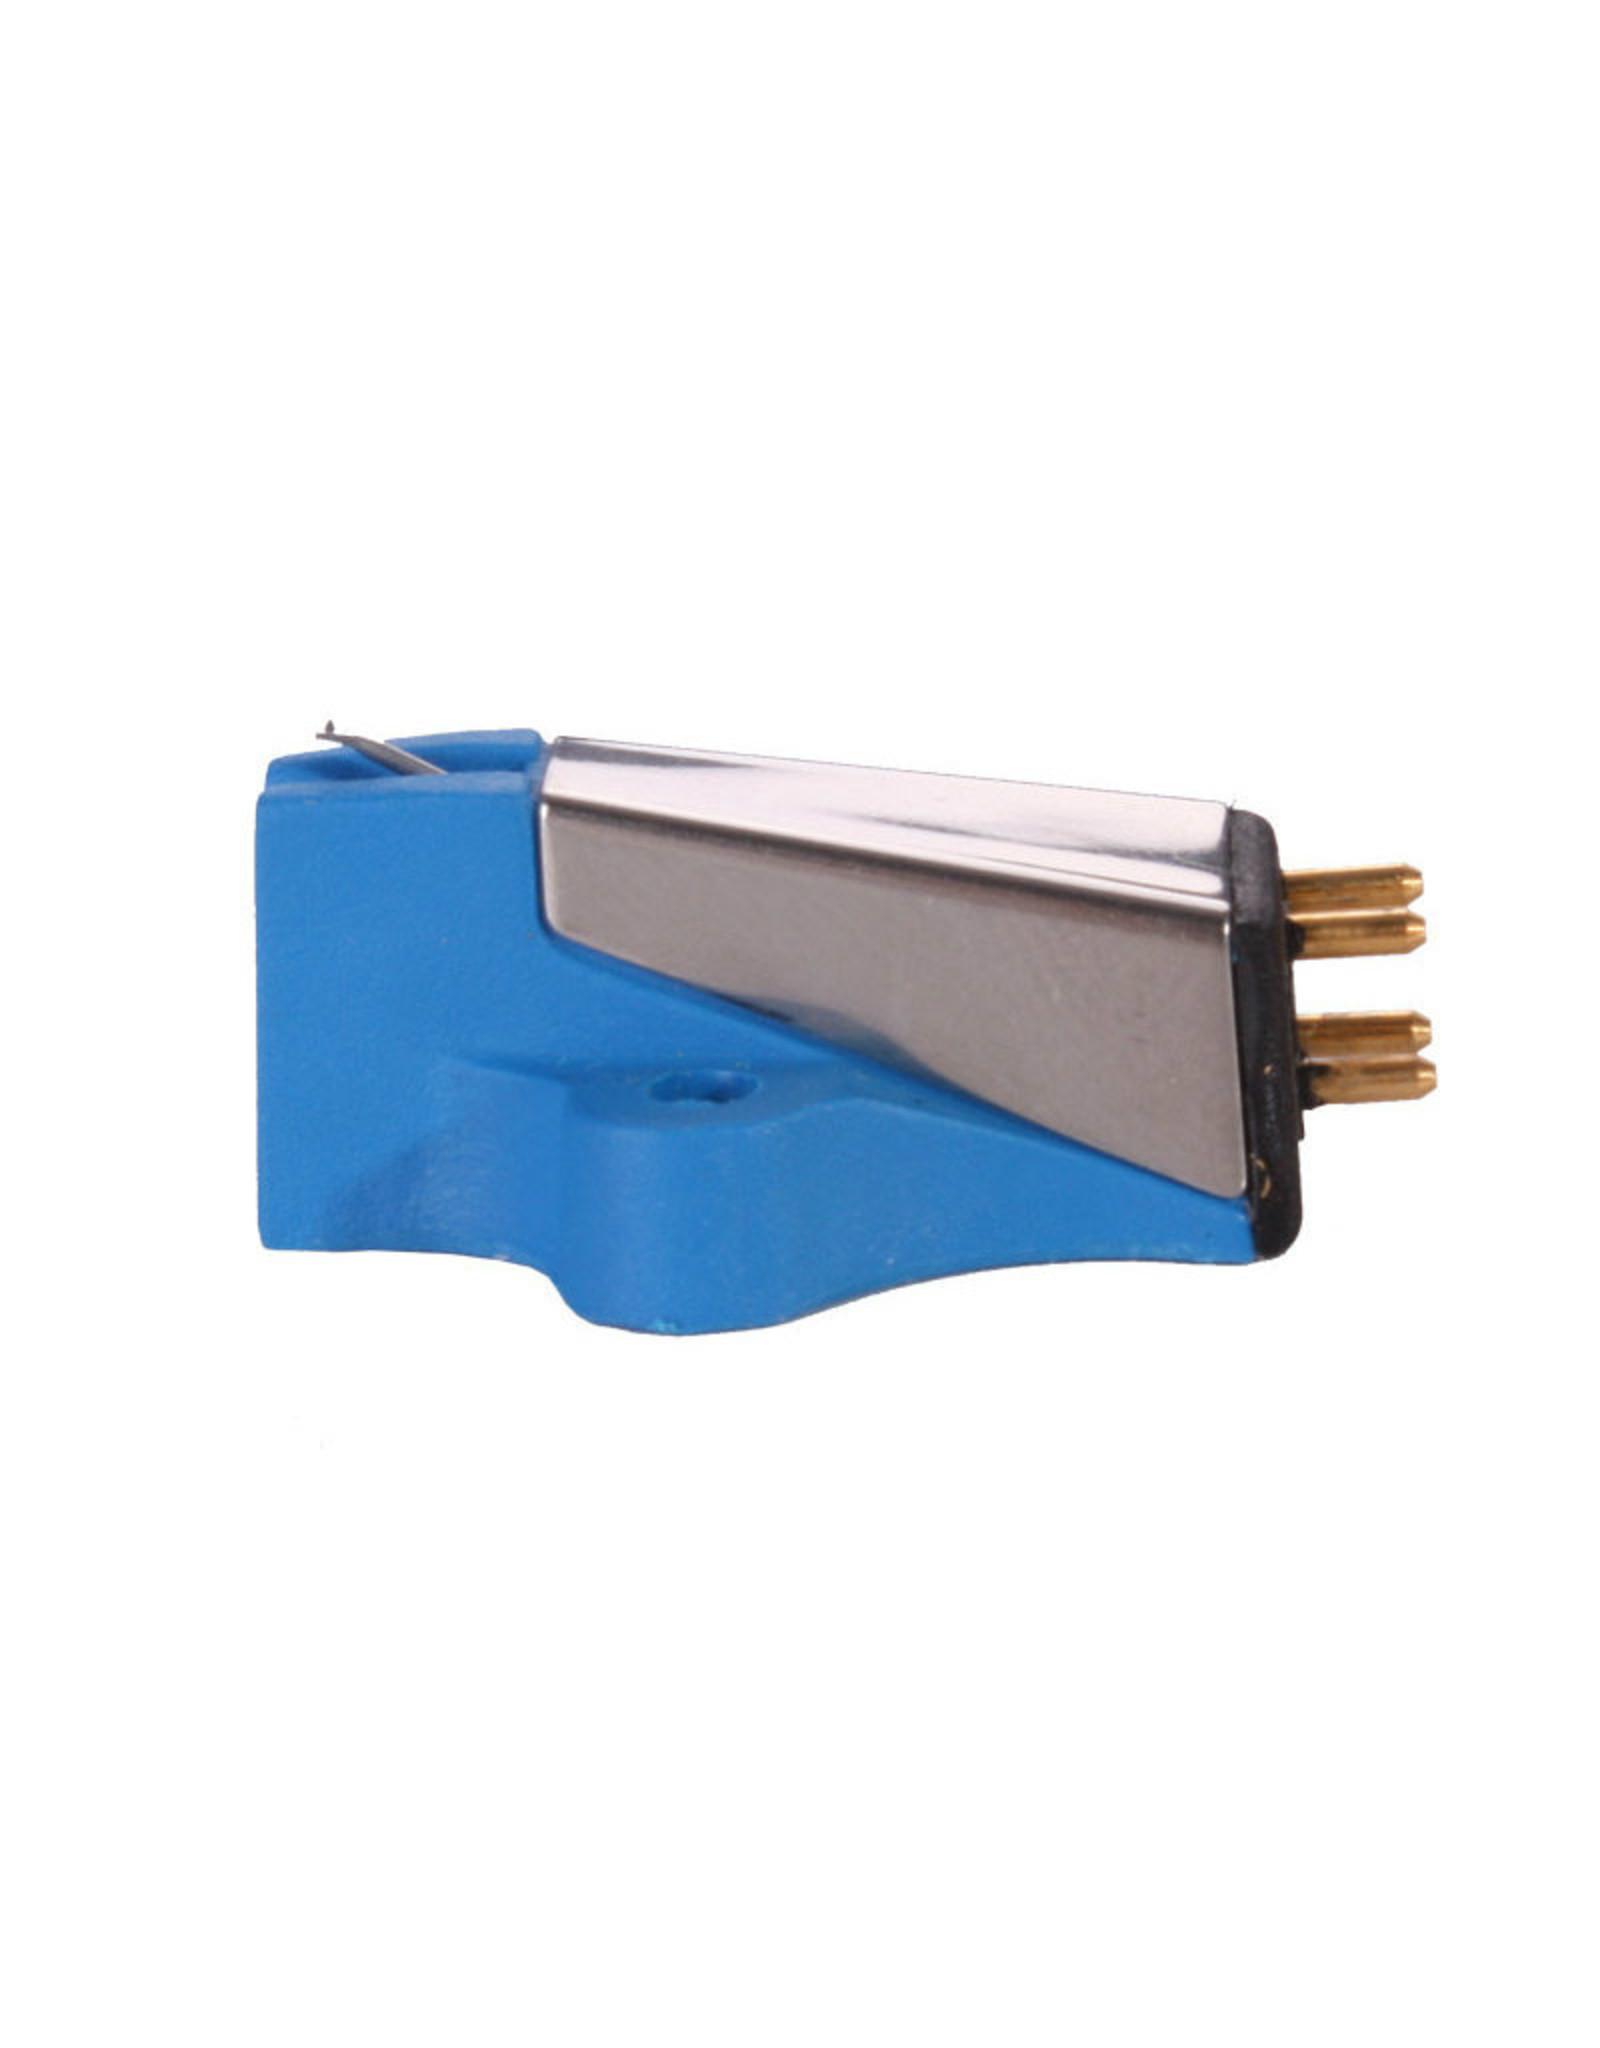 Rega Rega Elys 2 Phono Cartridge